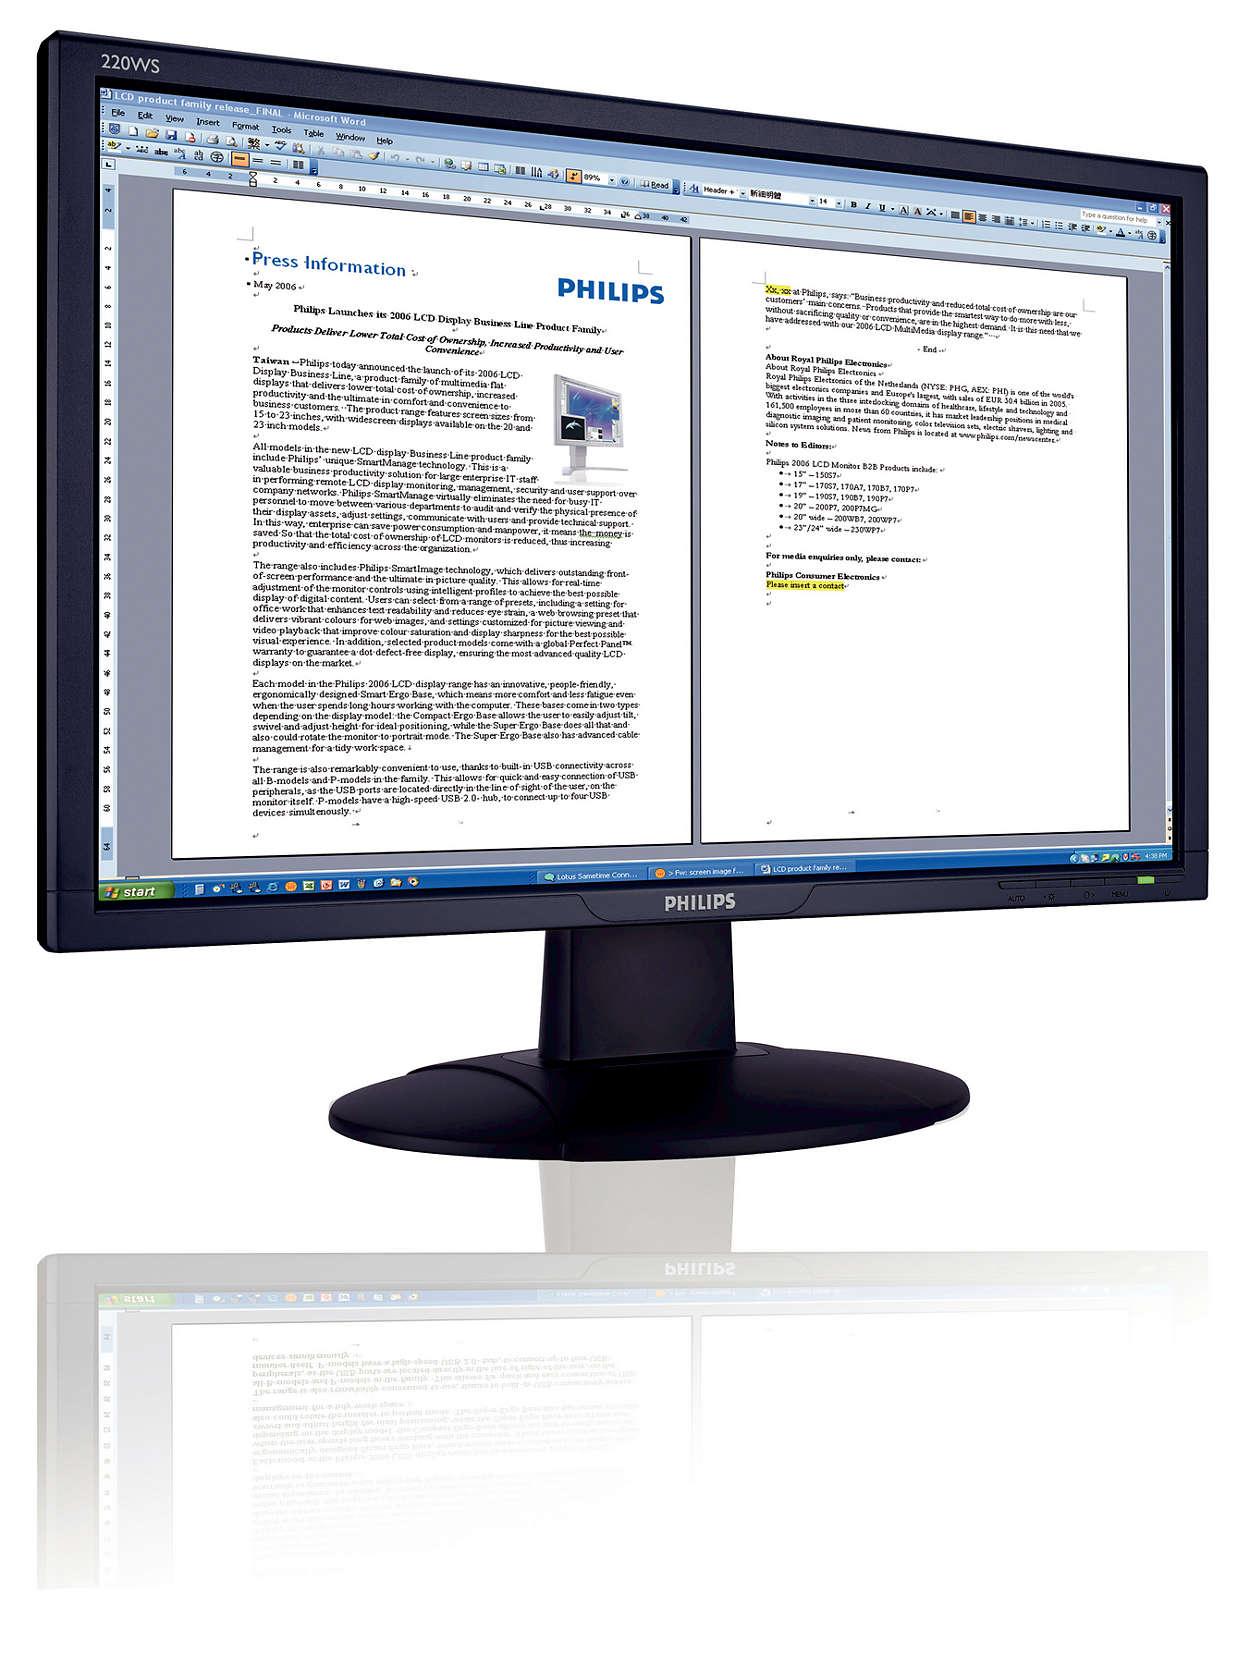 Vista-forberedt widescreen til virksomhedsproduktion